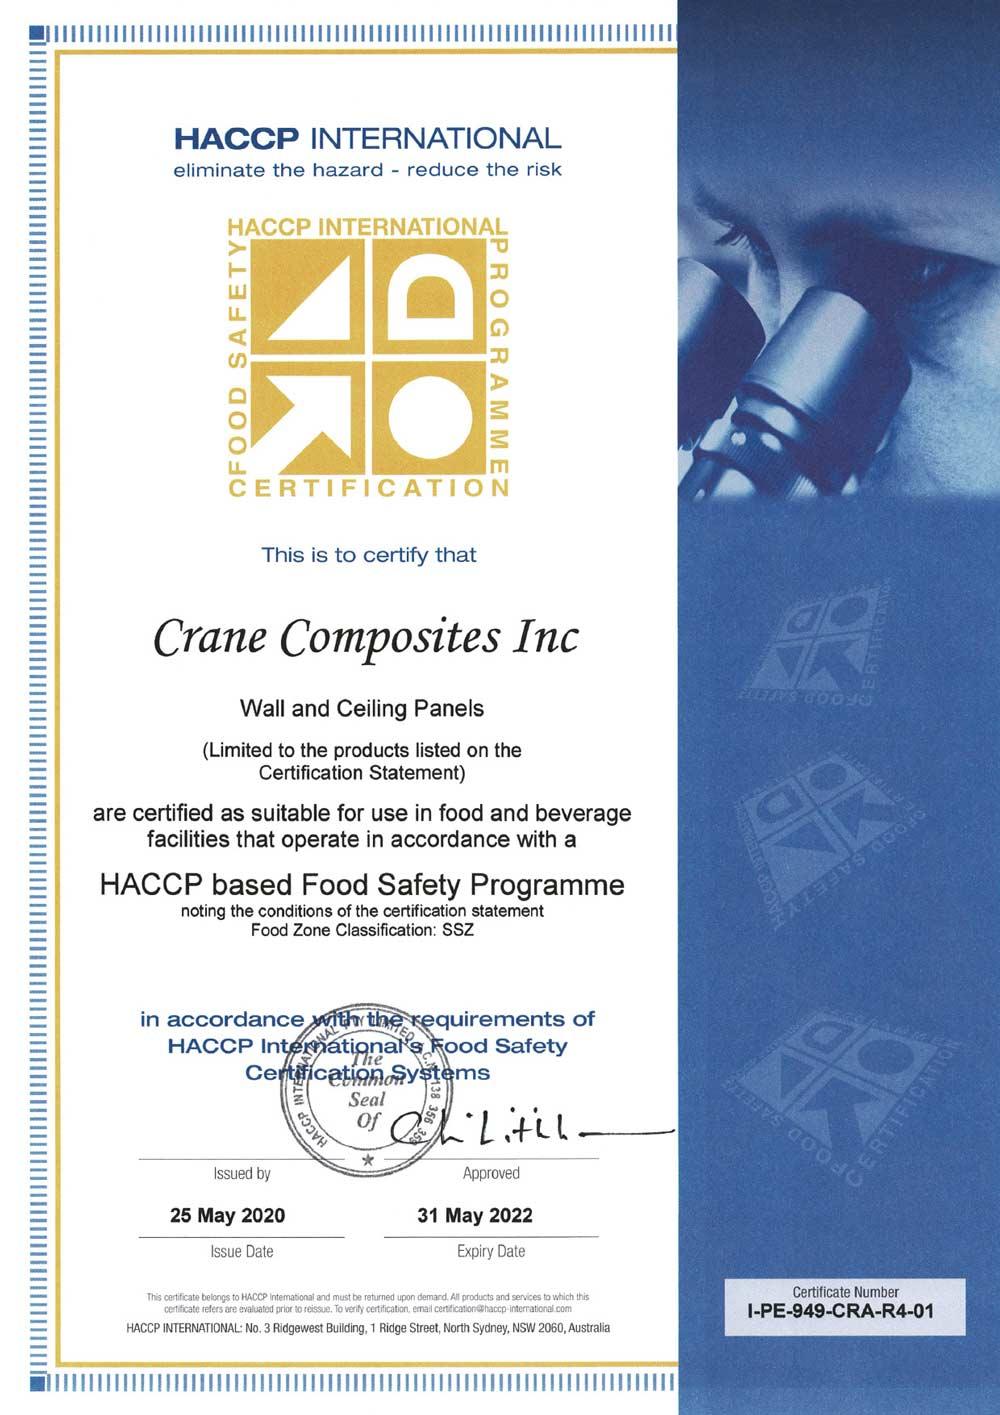 HACCP-Zertifikat für Glasbord® von Hydewa, Crane Composites Inc.